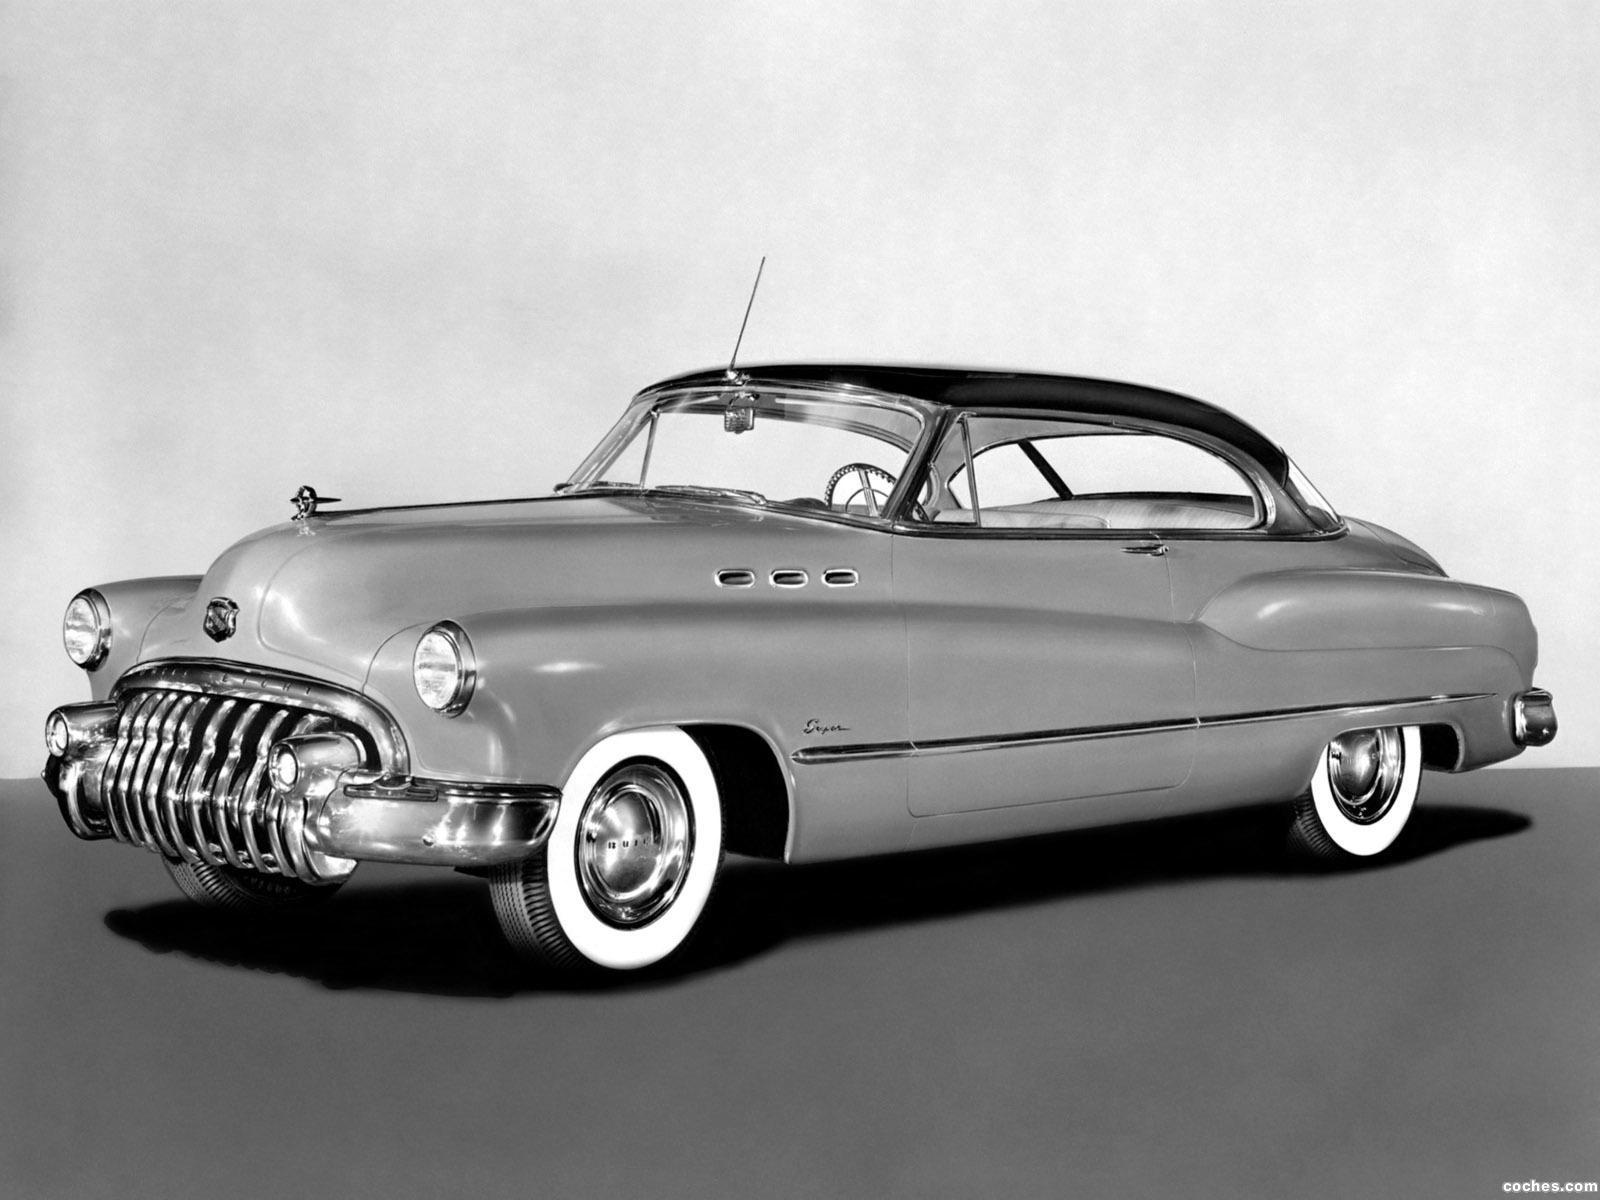 Fotos de buick super riviera 2 puertas hardtop 56r 1950 for 1955 buick riviera 56r super 2 door hardtop